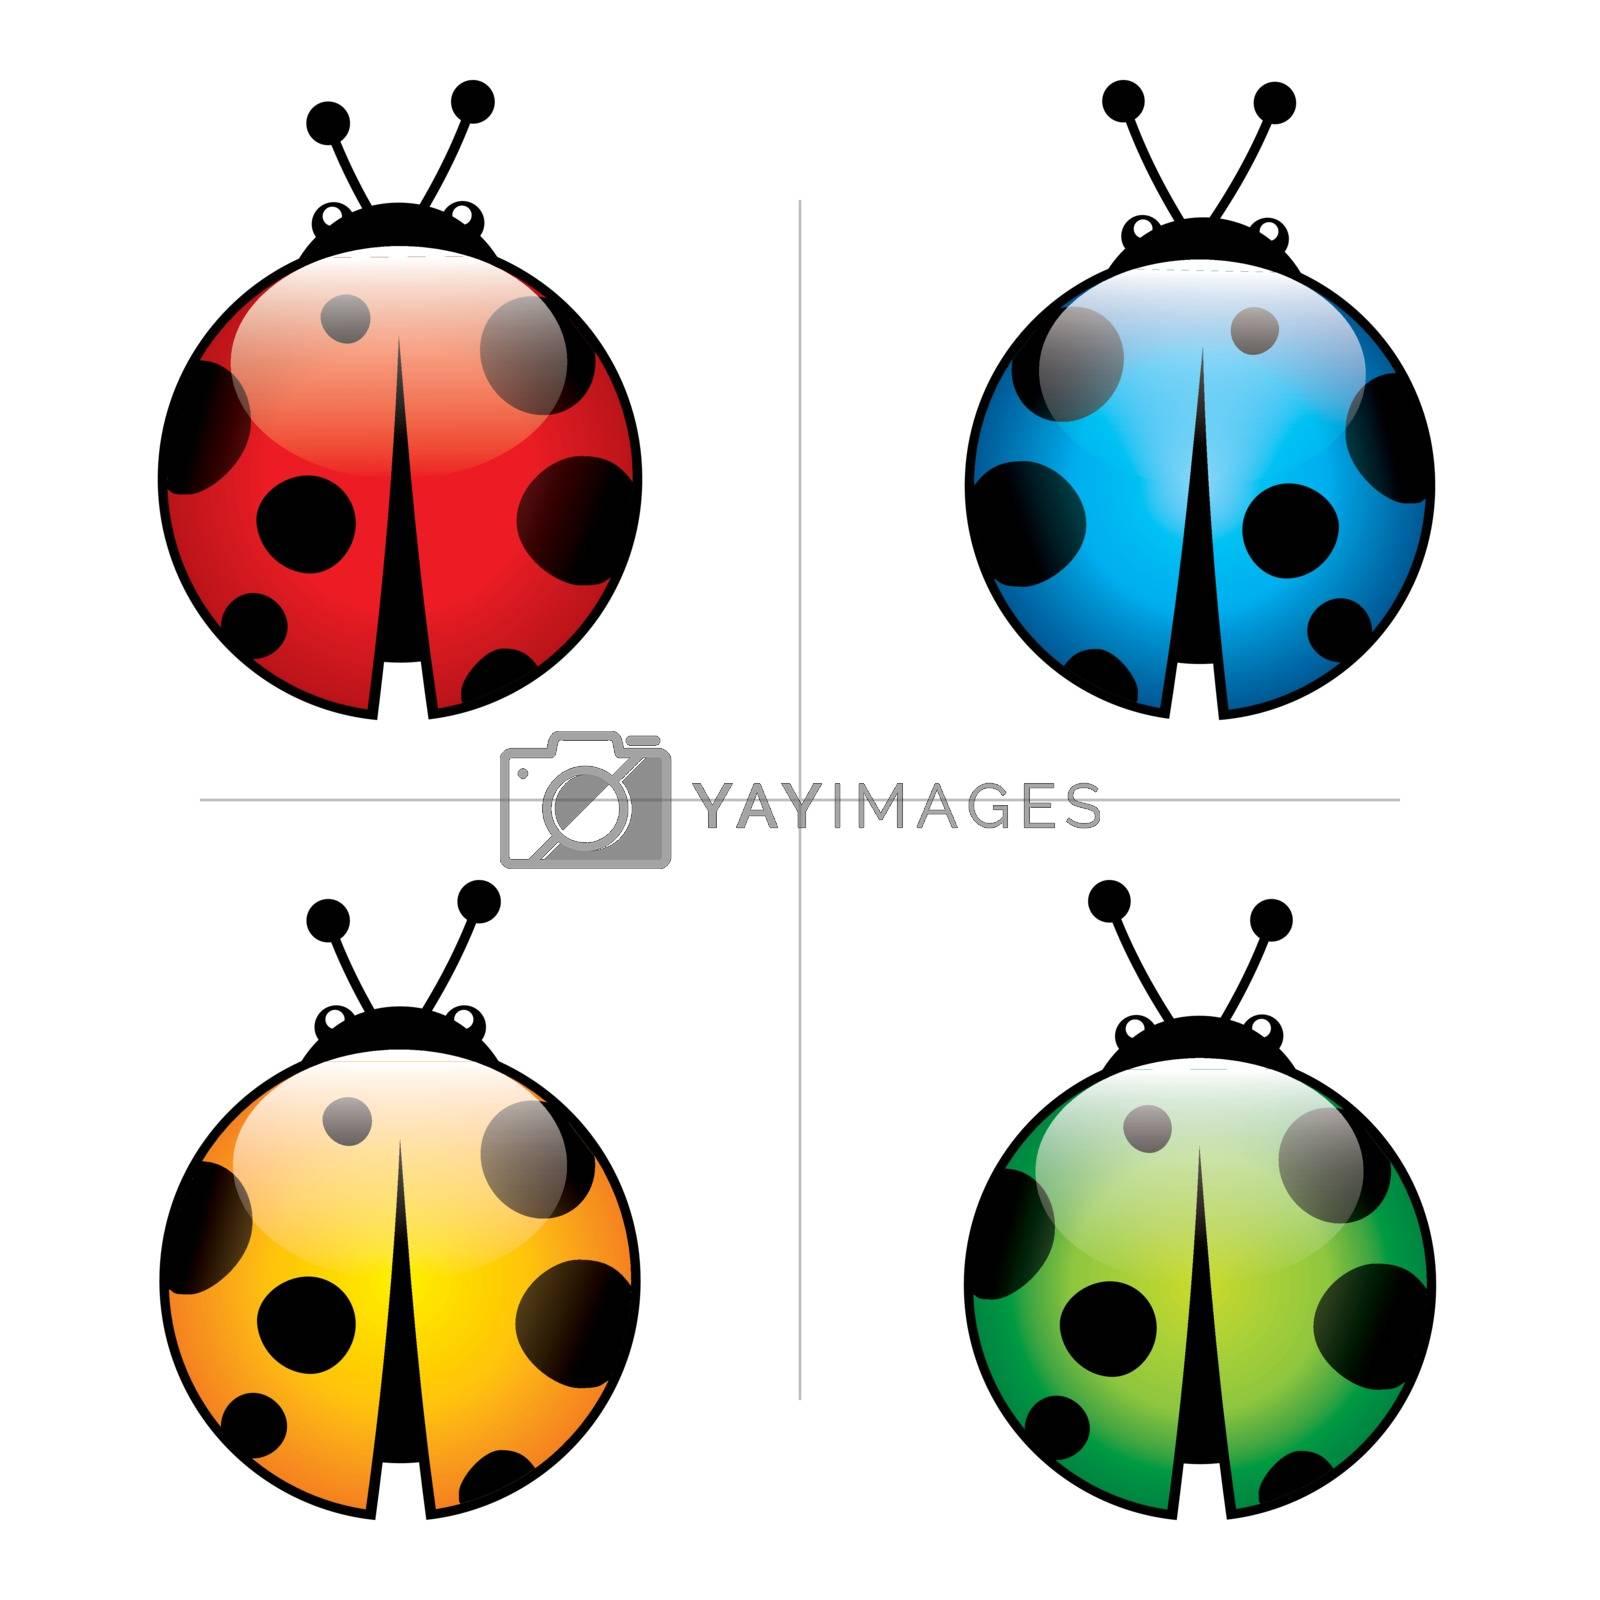 icon, illustration, insect, lady, ladybird, ladybug, leaf, life, logo, animals,